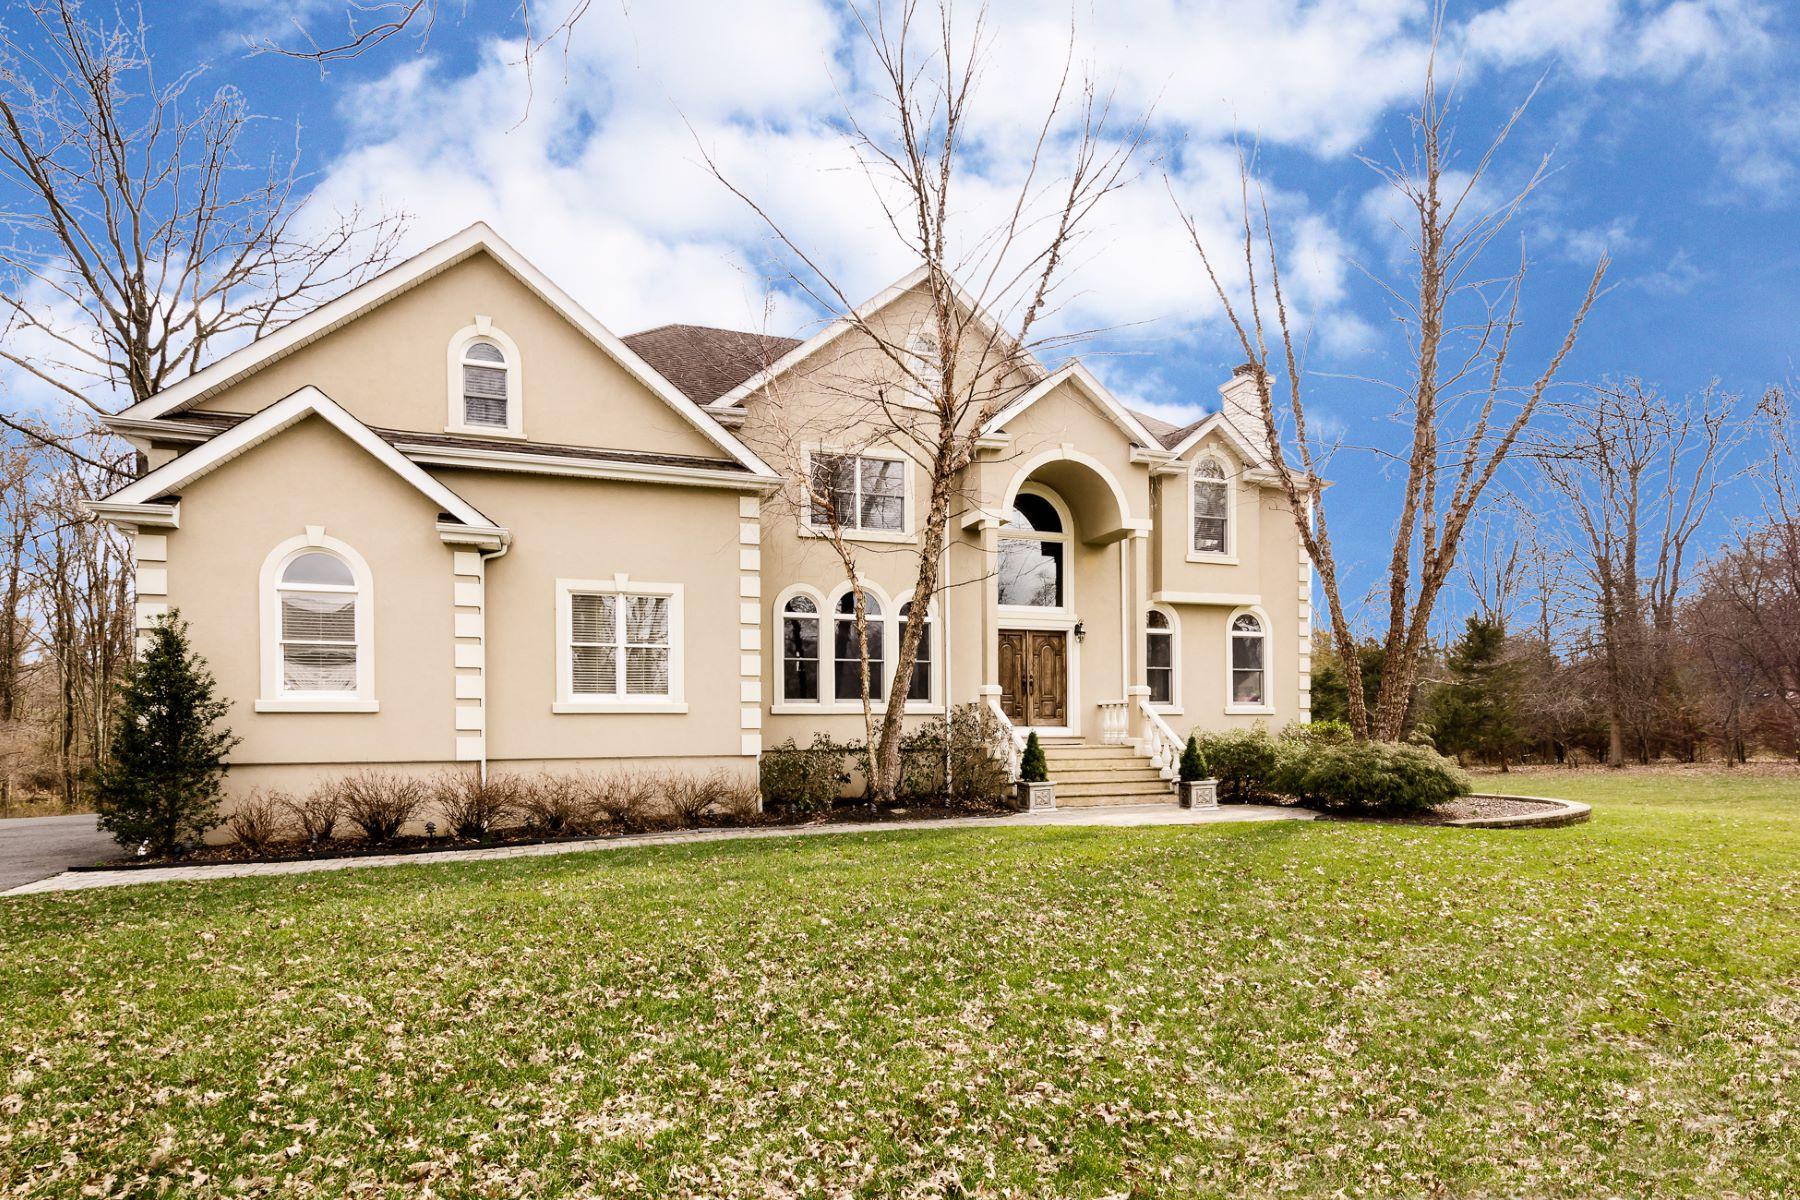 Vivienda unifamiliar por un Venta en Space, Style, Function - Hopewell Township 32 Lake Baldwin Drive Pennington, Nueva Jersey, 08534 Estados Unidos